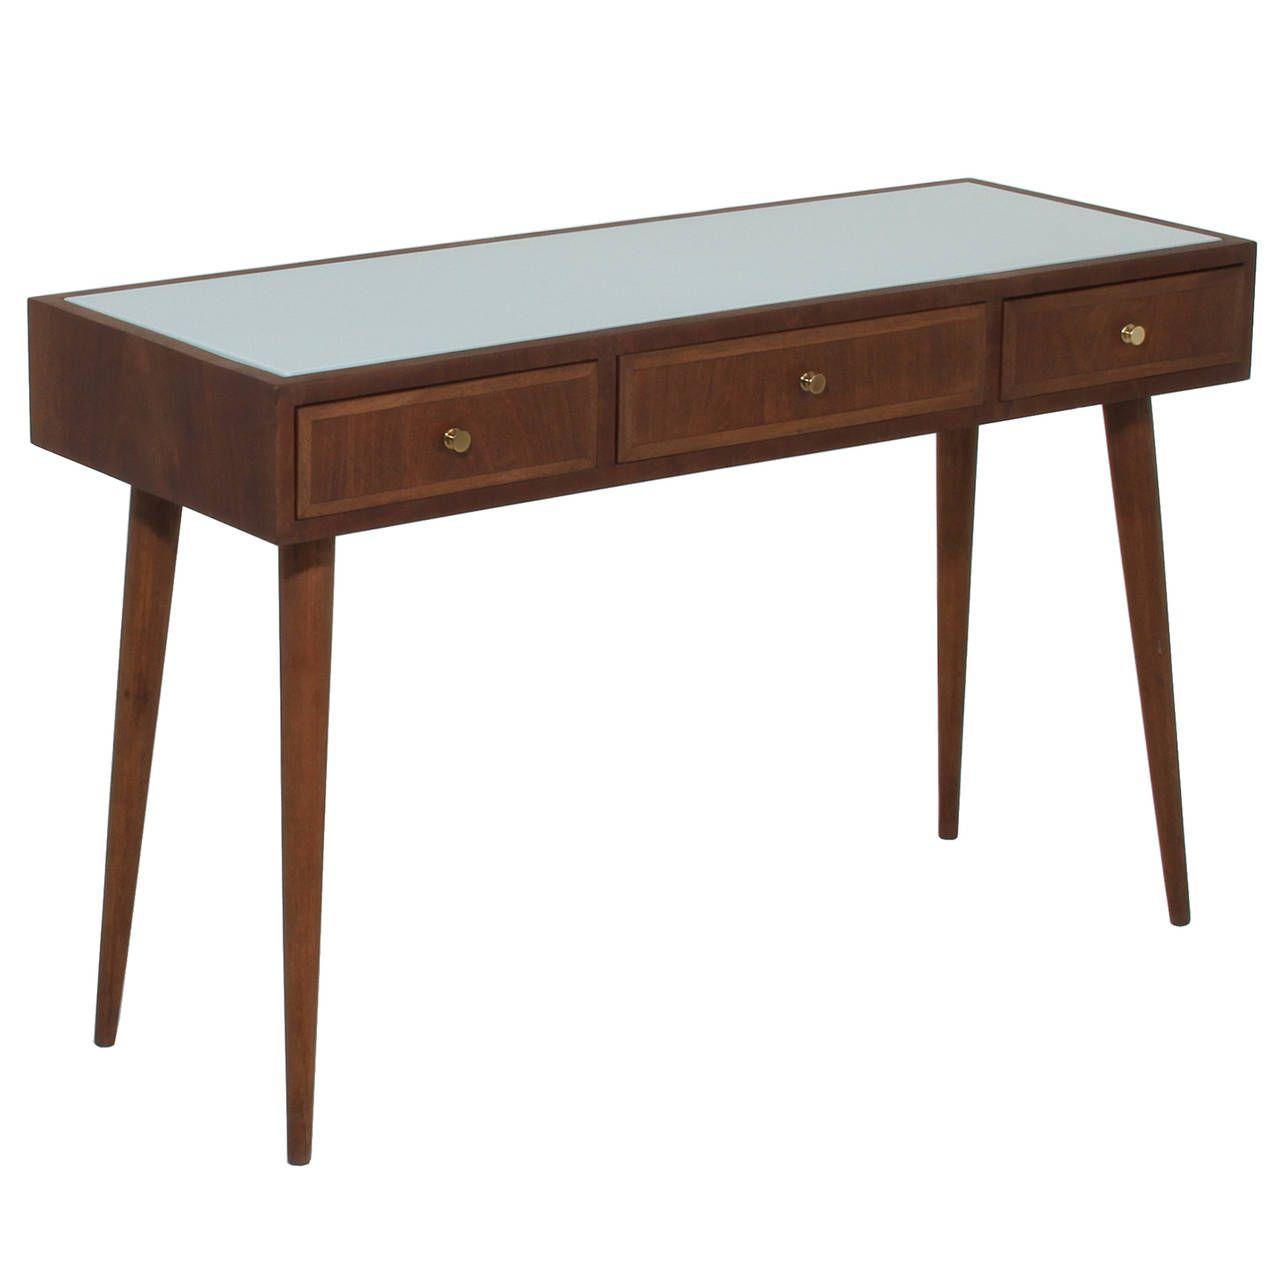 Morelato Table Cartesia 5707 Tables Writing Desk Contemporary